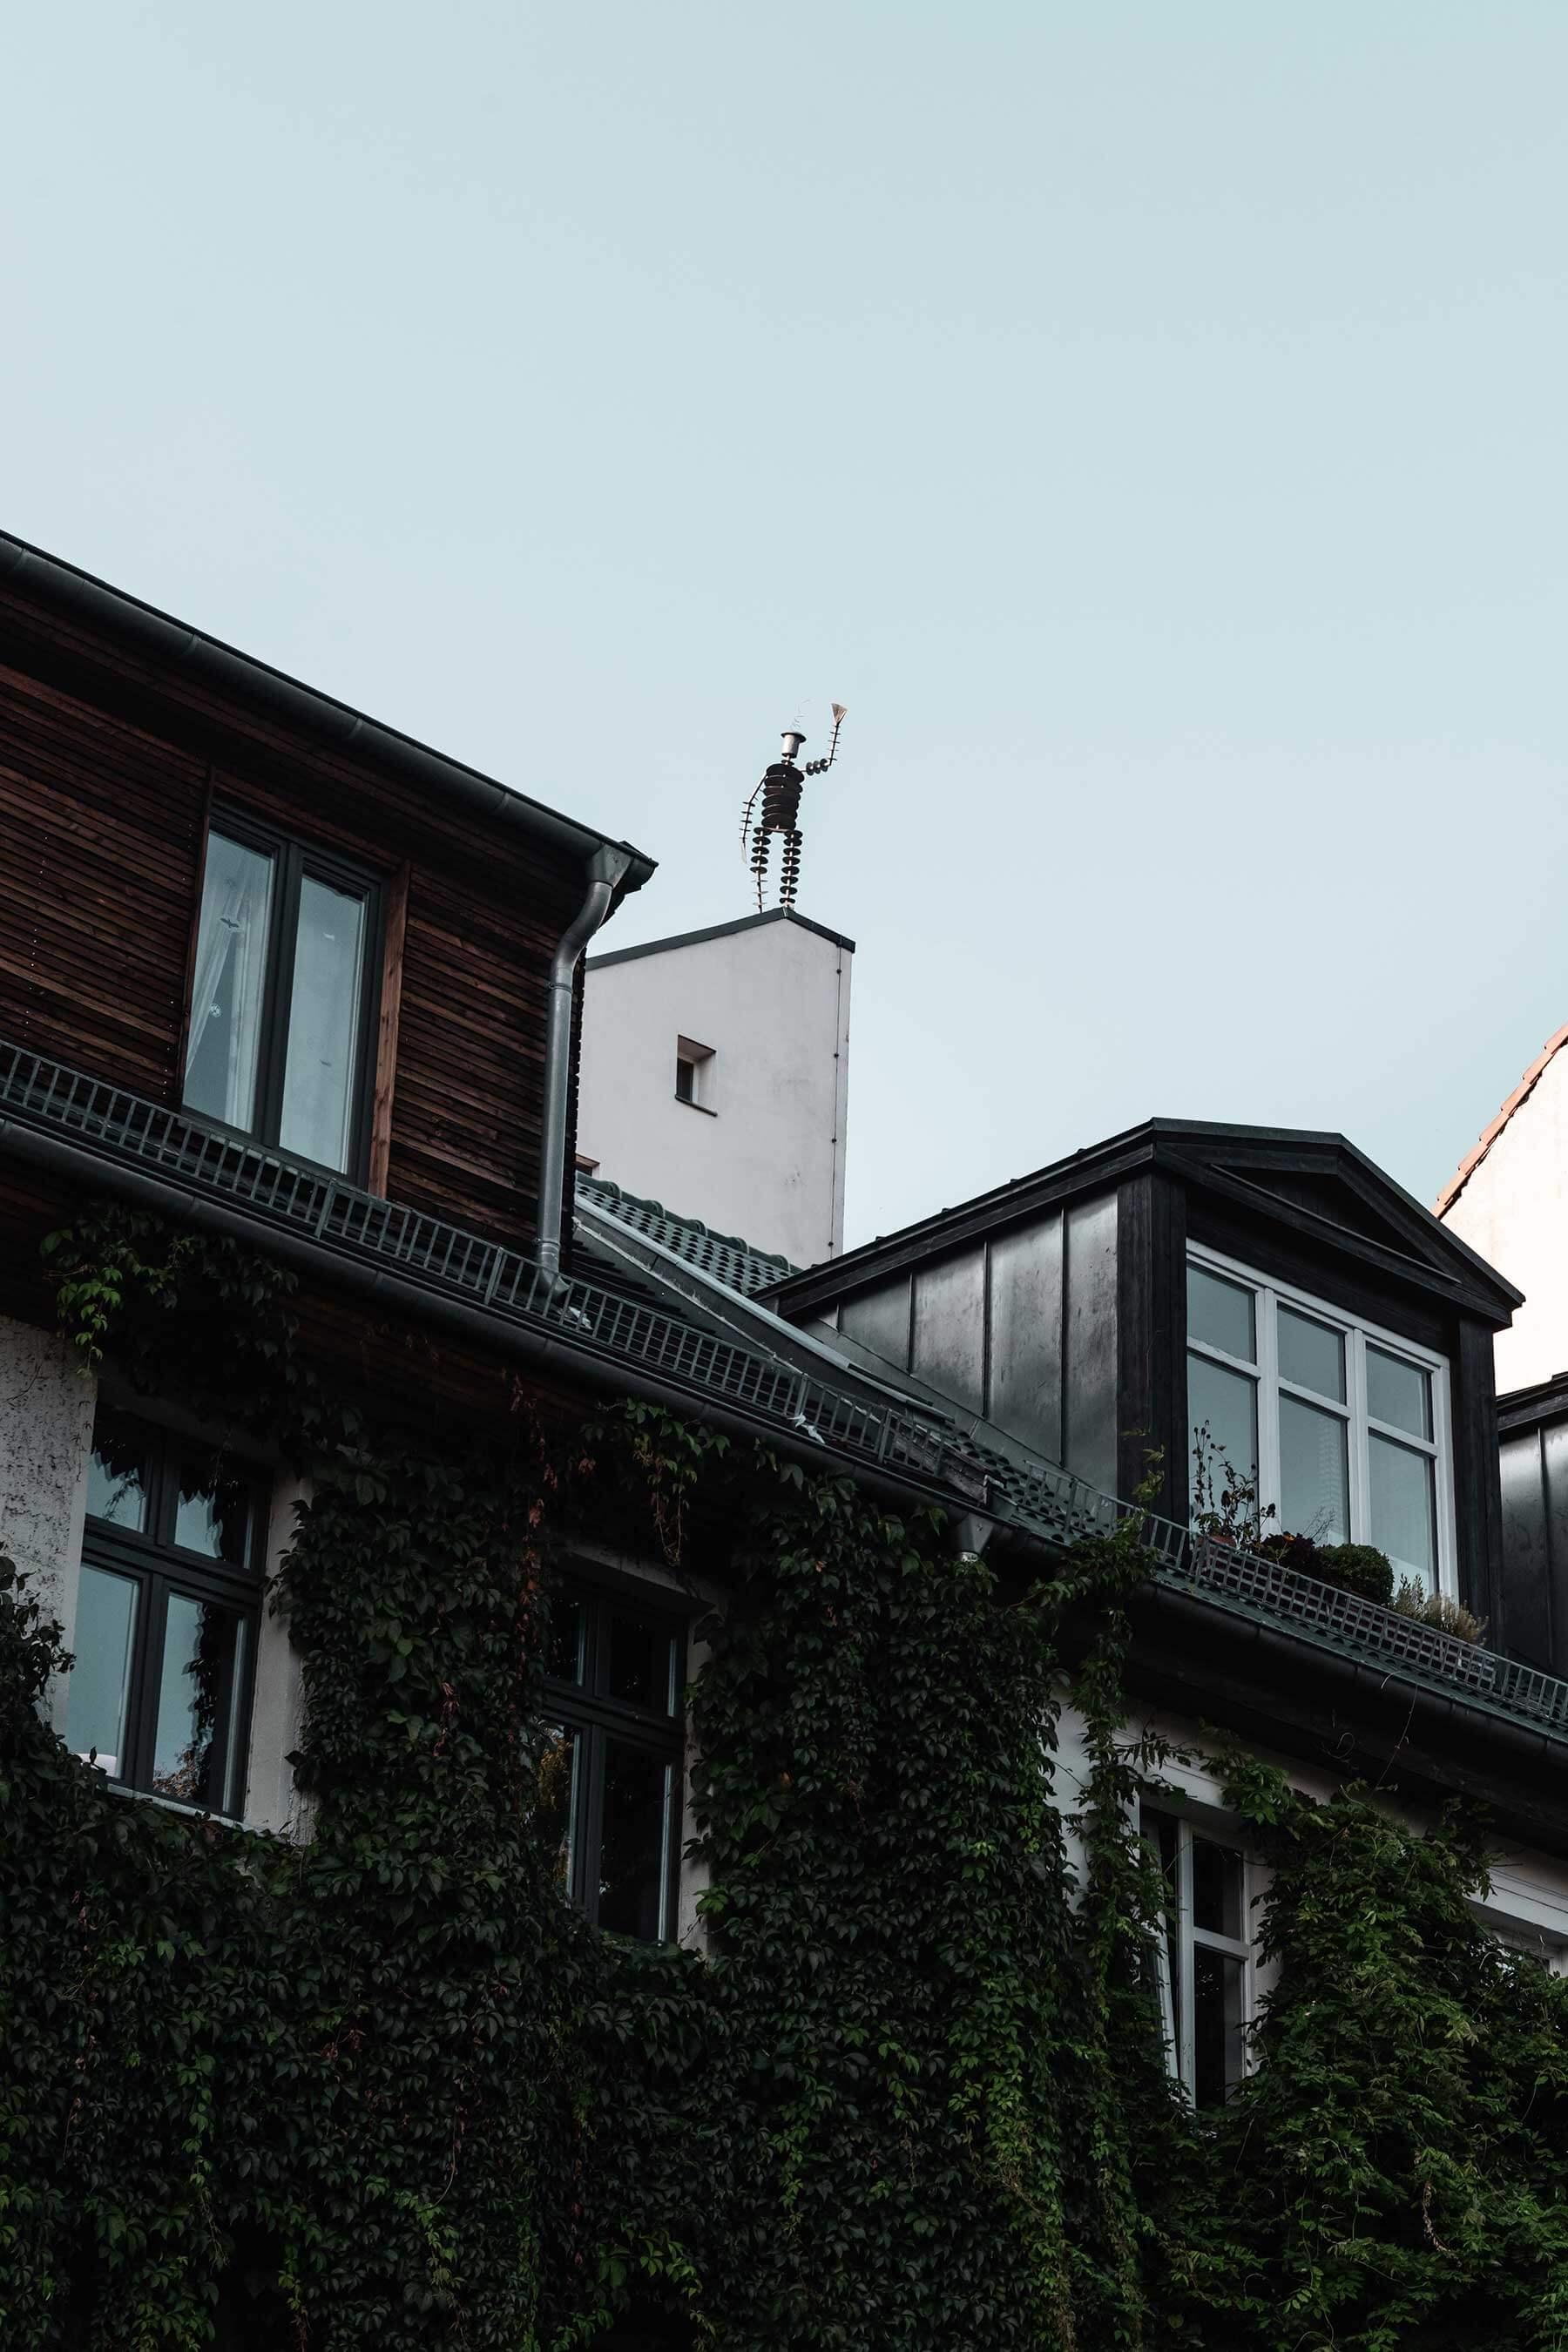 Bilderparade DLXVII LangweileDich.net_Bilderparade_DLXVII_73